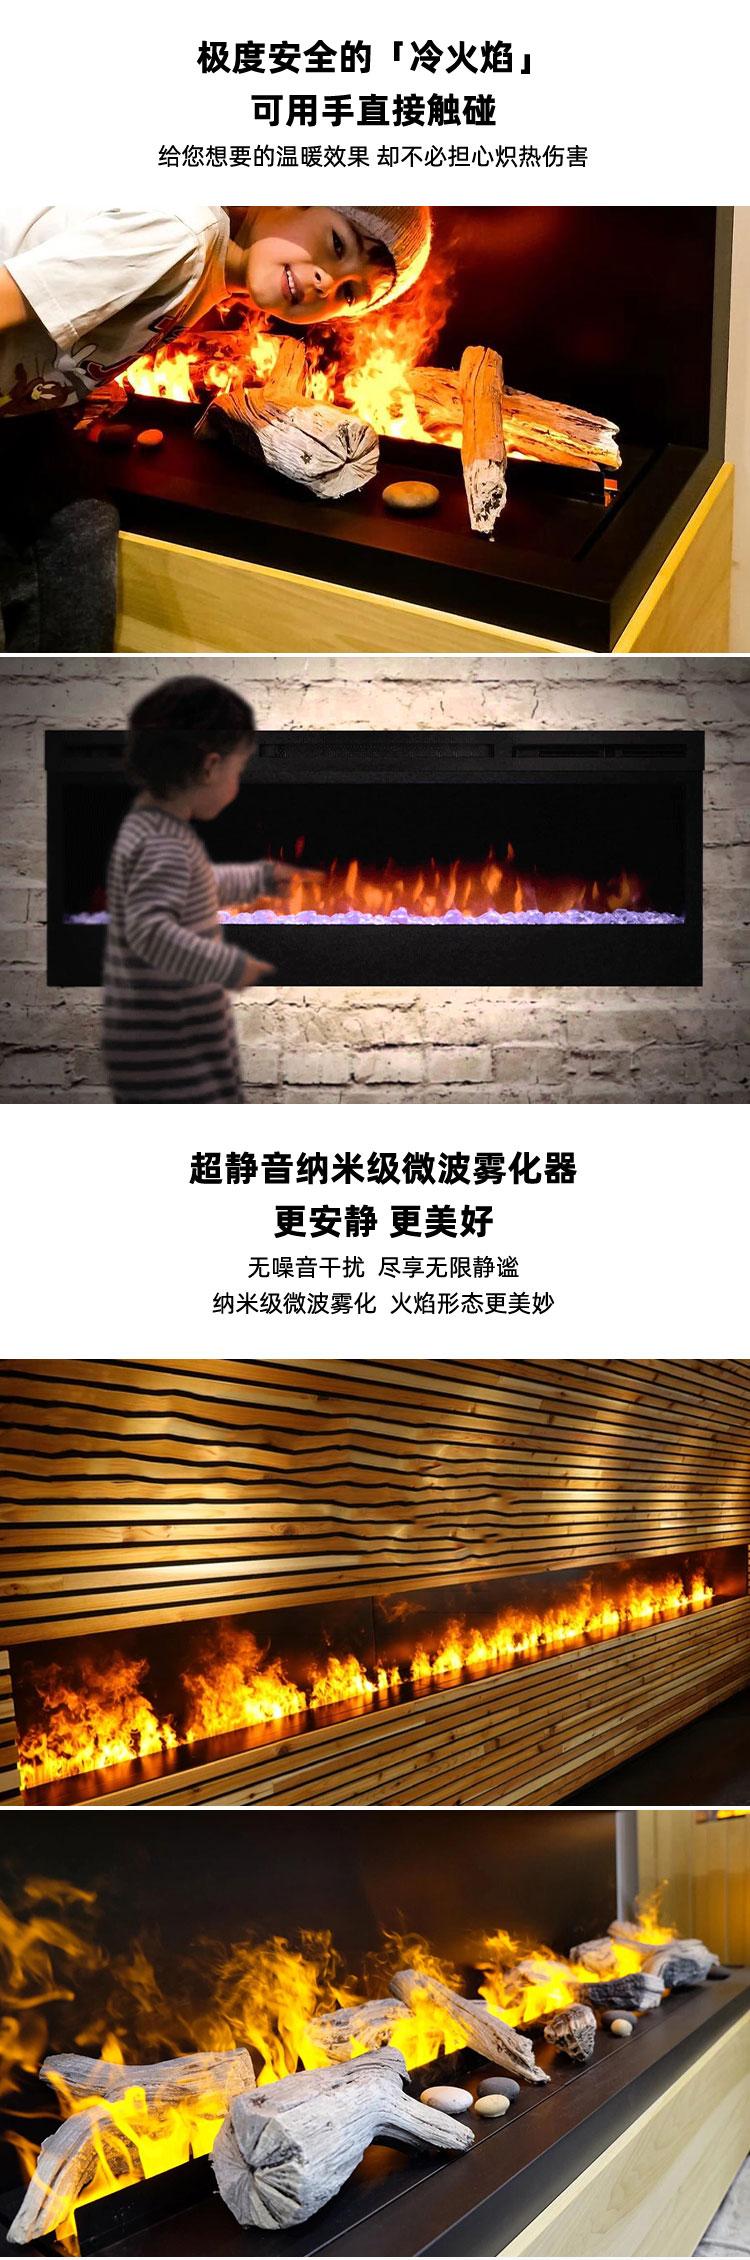 平客3D雾化壁炉全尺寸任意定制系列.jpg